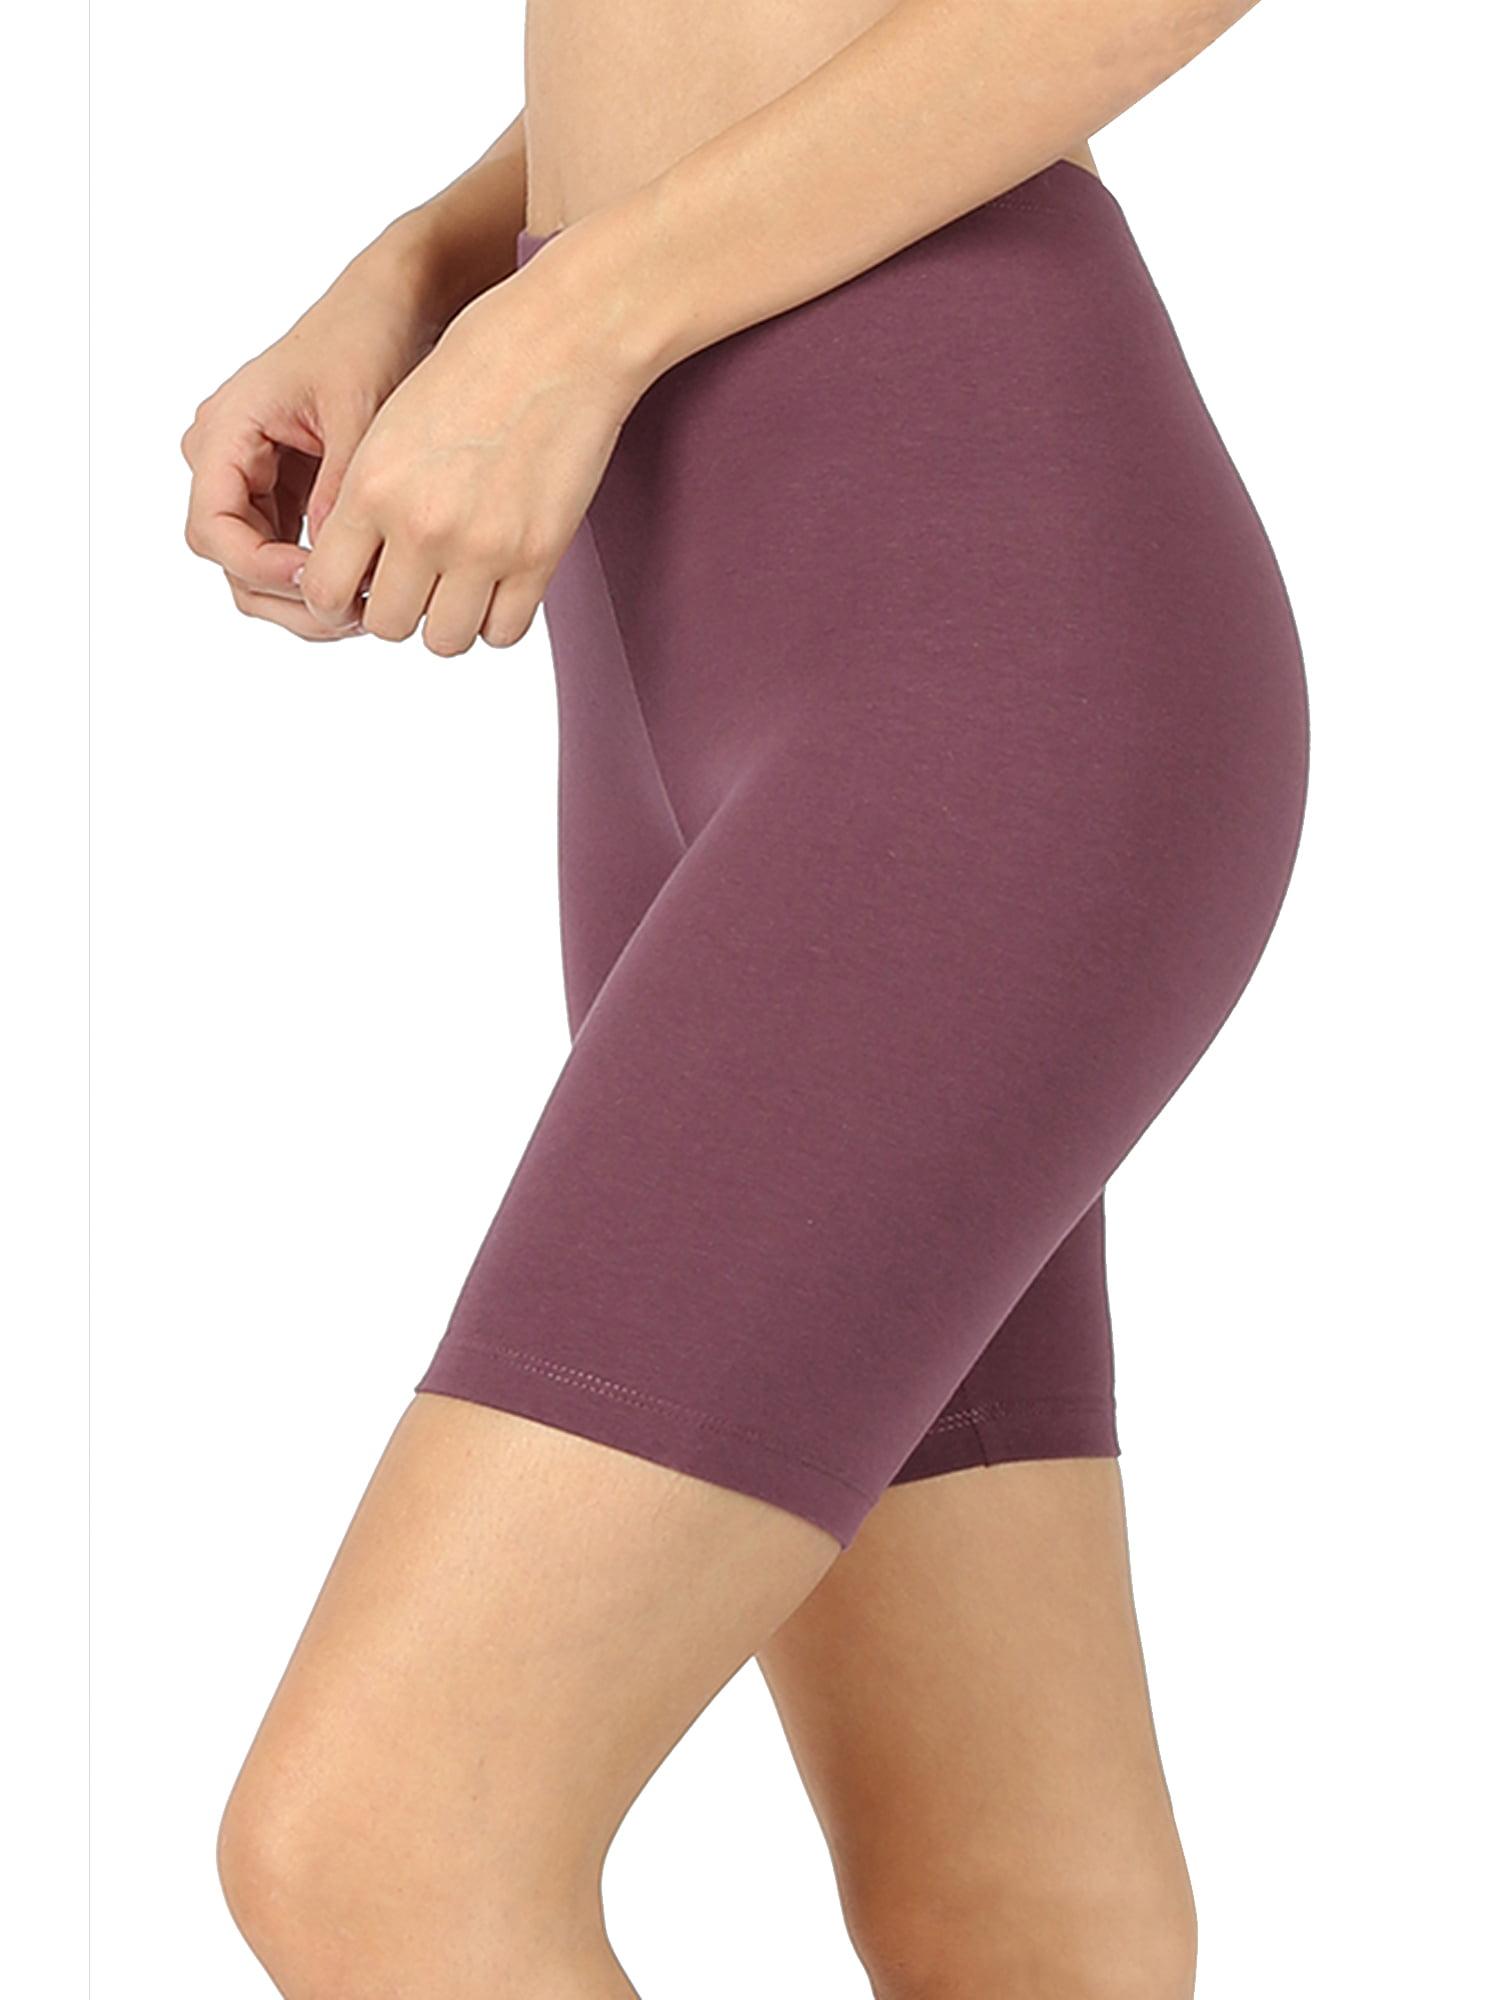 Womens Biker Shorts Soft Leggings Capri Yoga Pants Fitness Regular Solid Bermuda